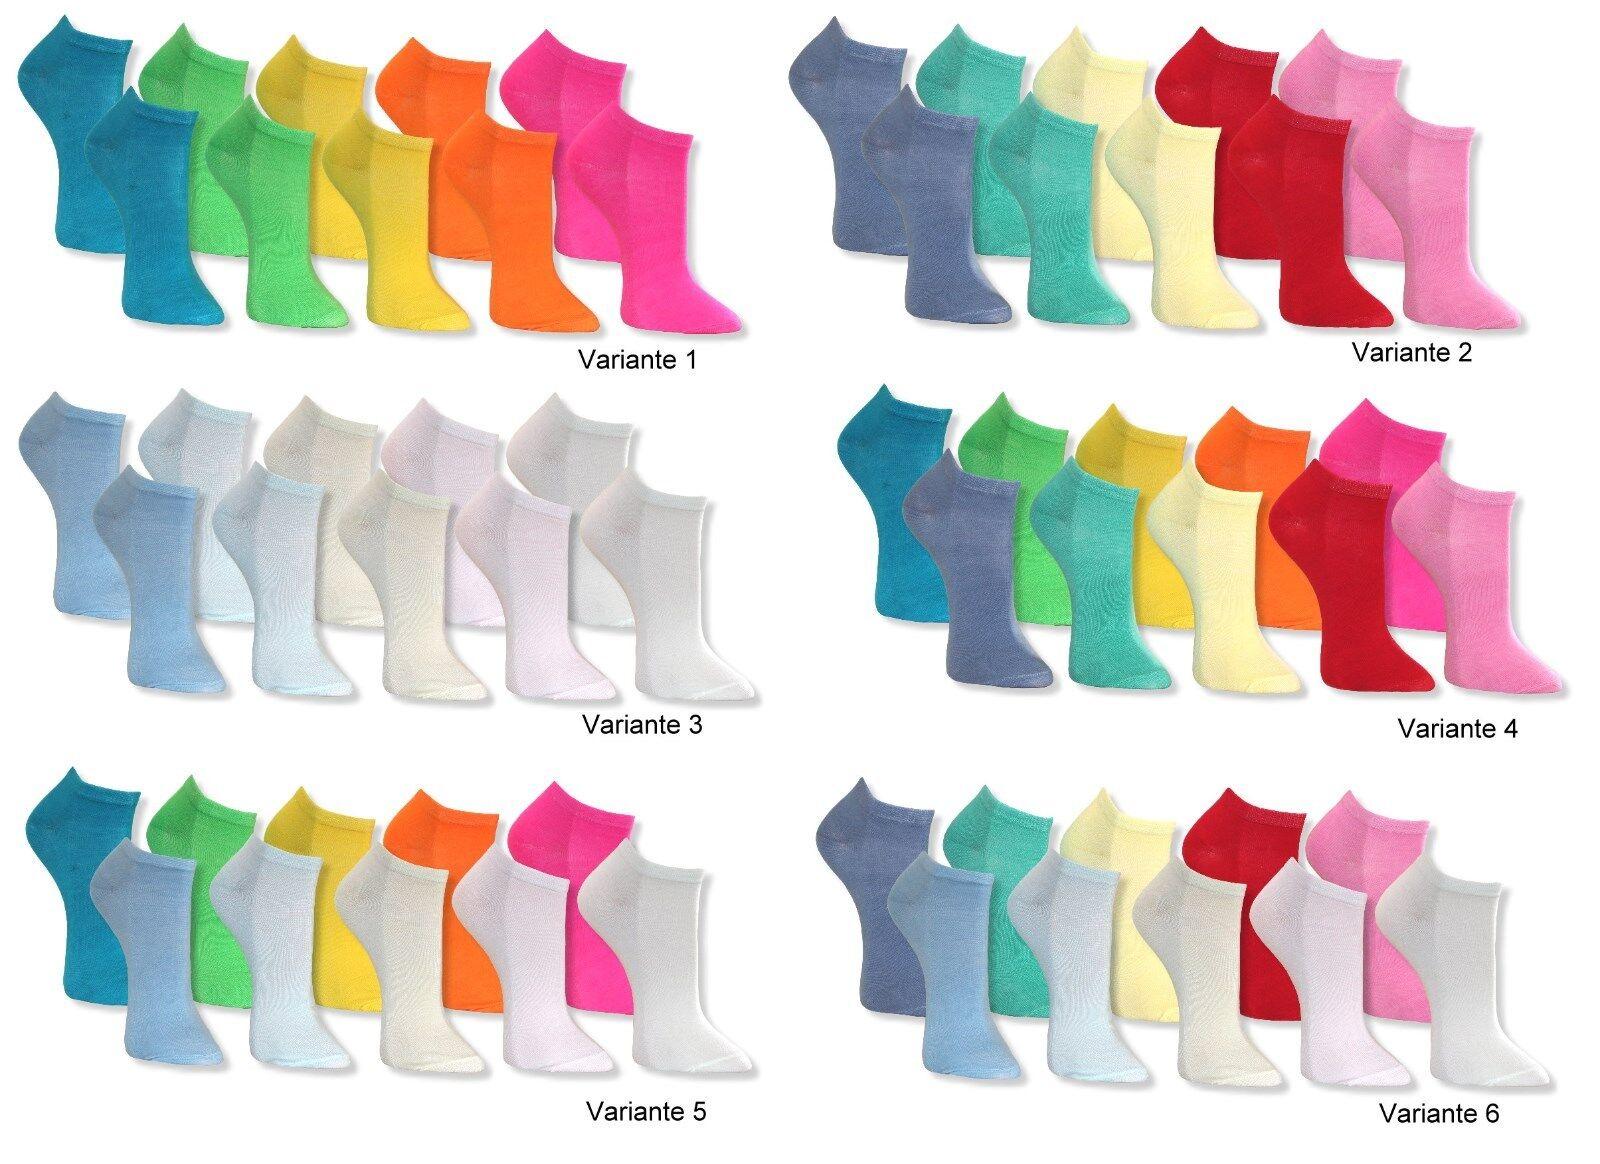 10 Paar Socken SNEAKER Füßlinge Damen Mädchen Sneakersocken uni NEON PASTELL